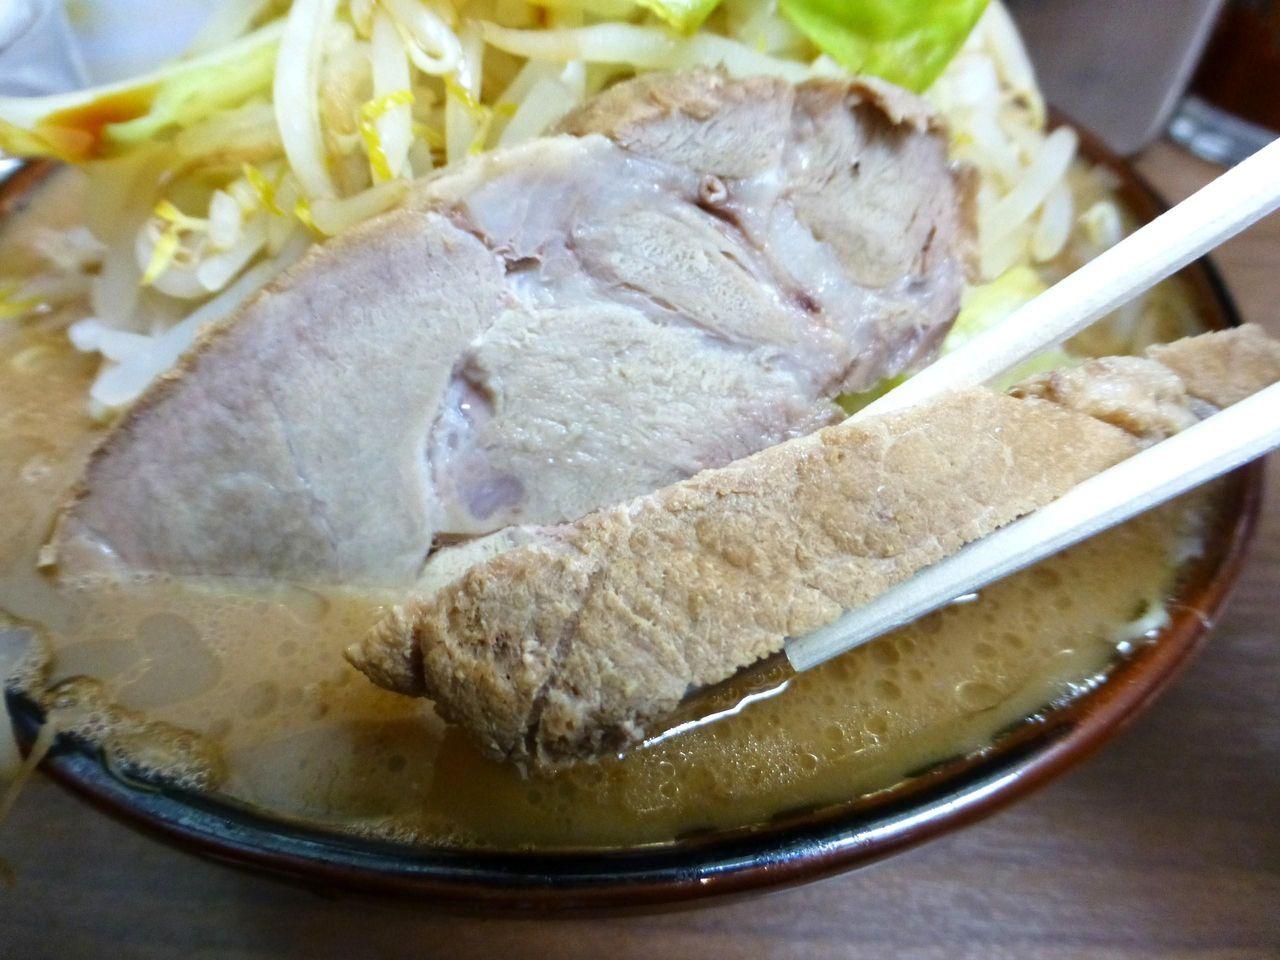 モモ肉を使用した豚は、厚さ1センチを超える厚切り!